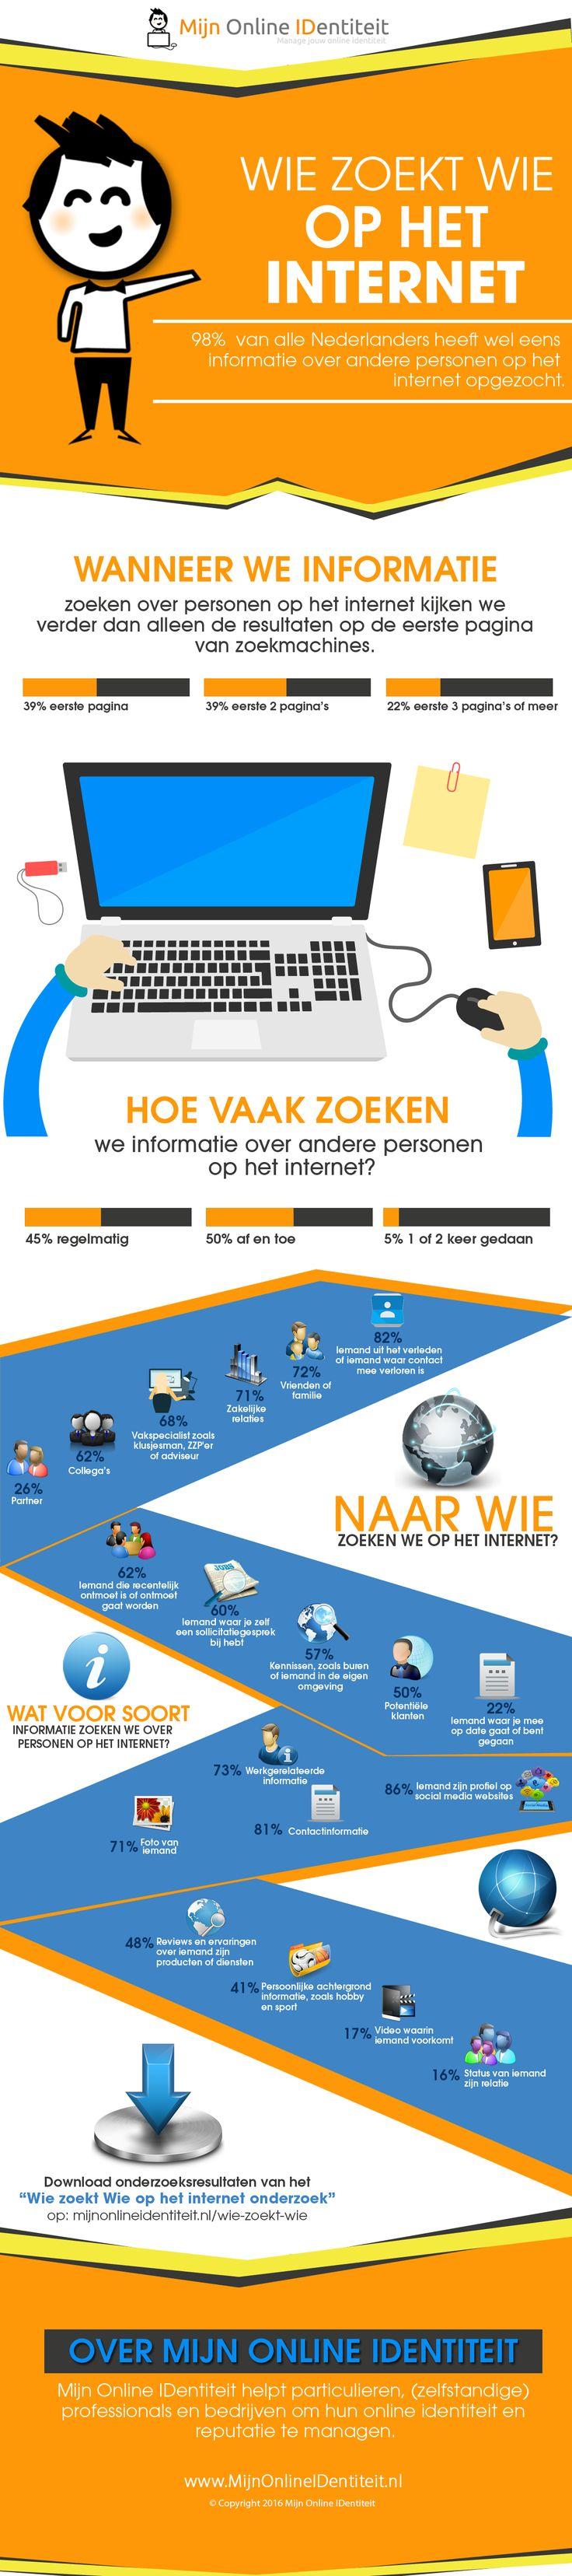 Infographic Wie zoekt Wie op het internet onderzoek 1200-3